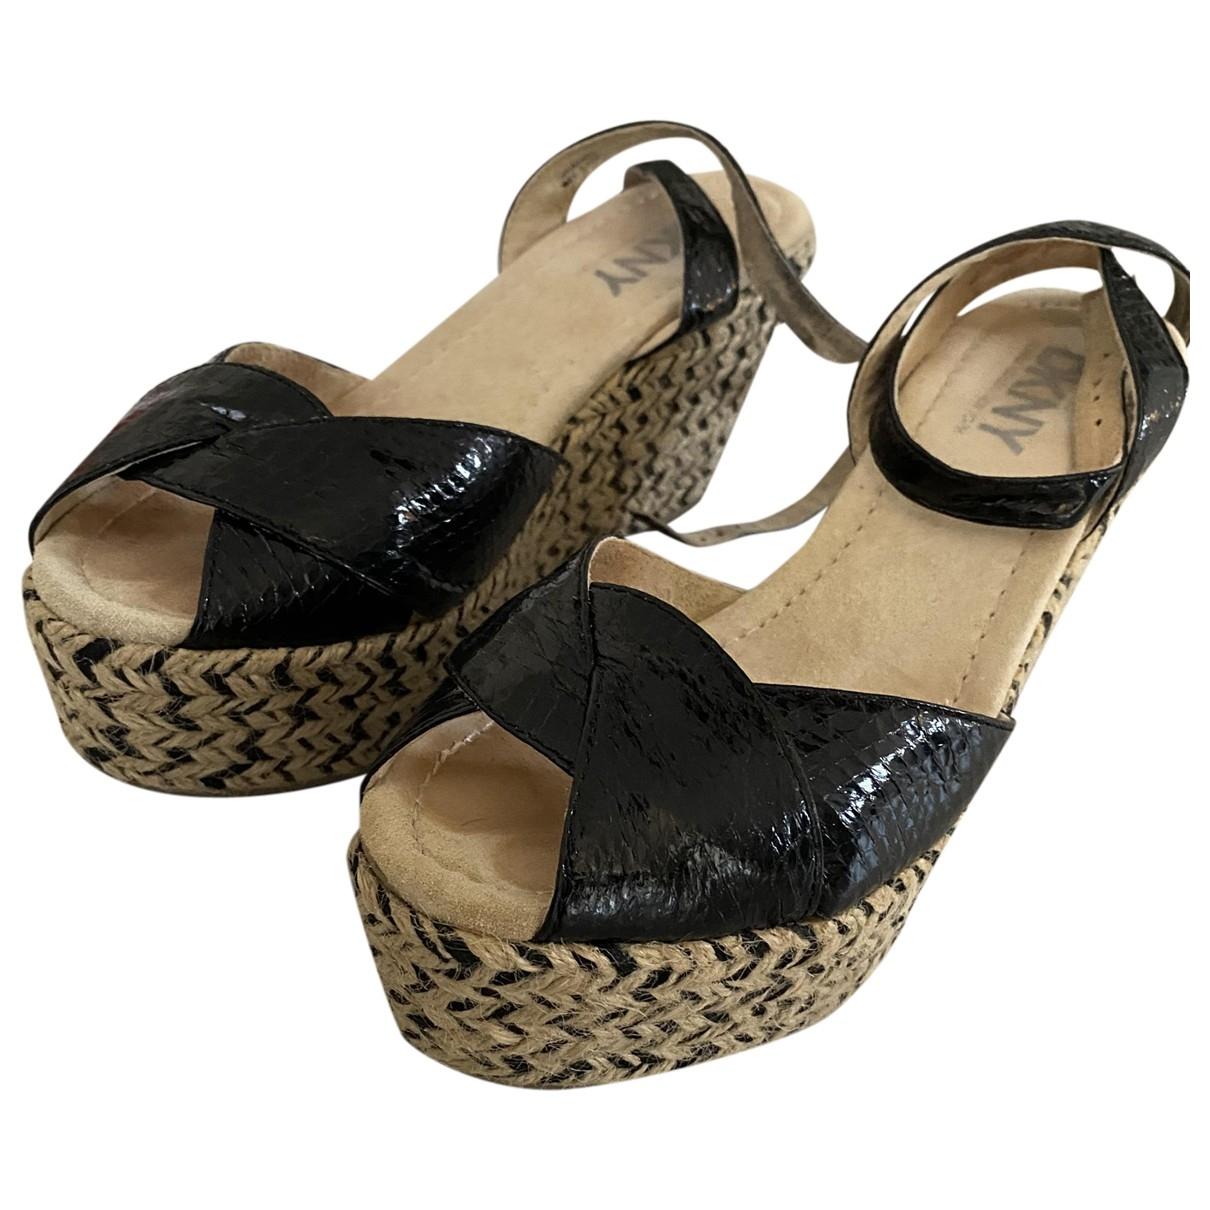 Dkny - Sandales   pour femme en cuir verni - noir